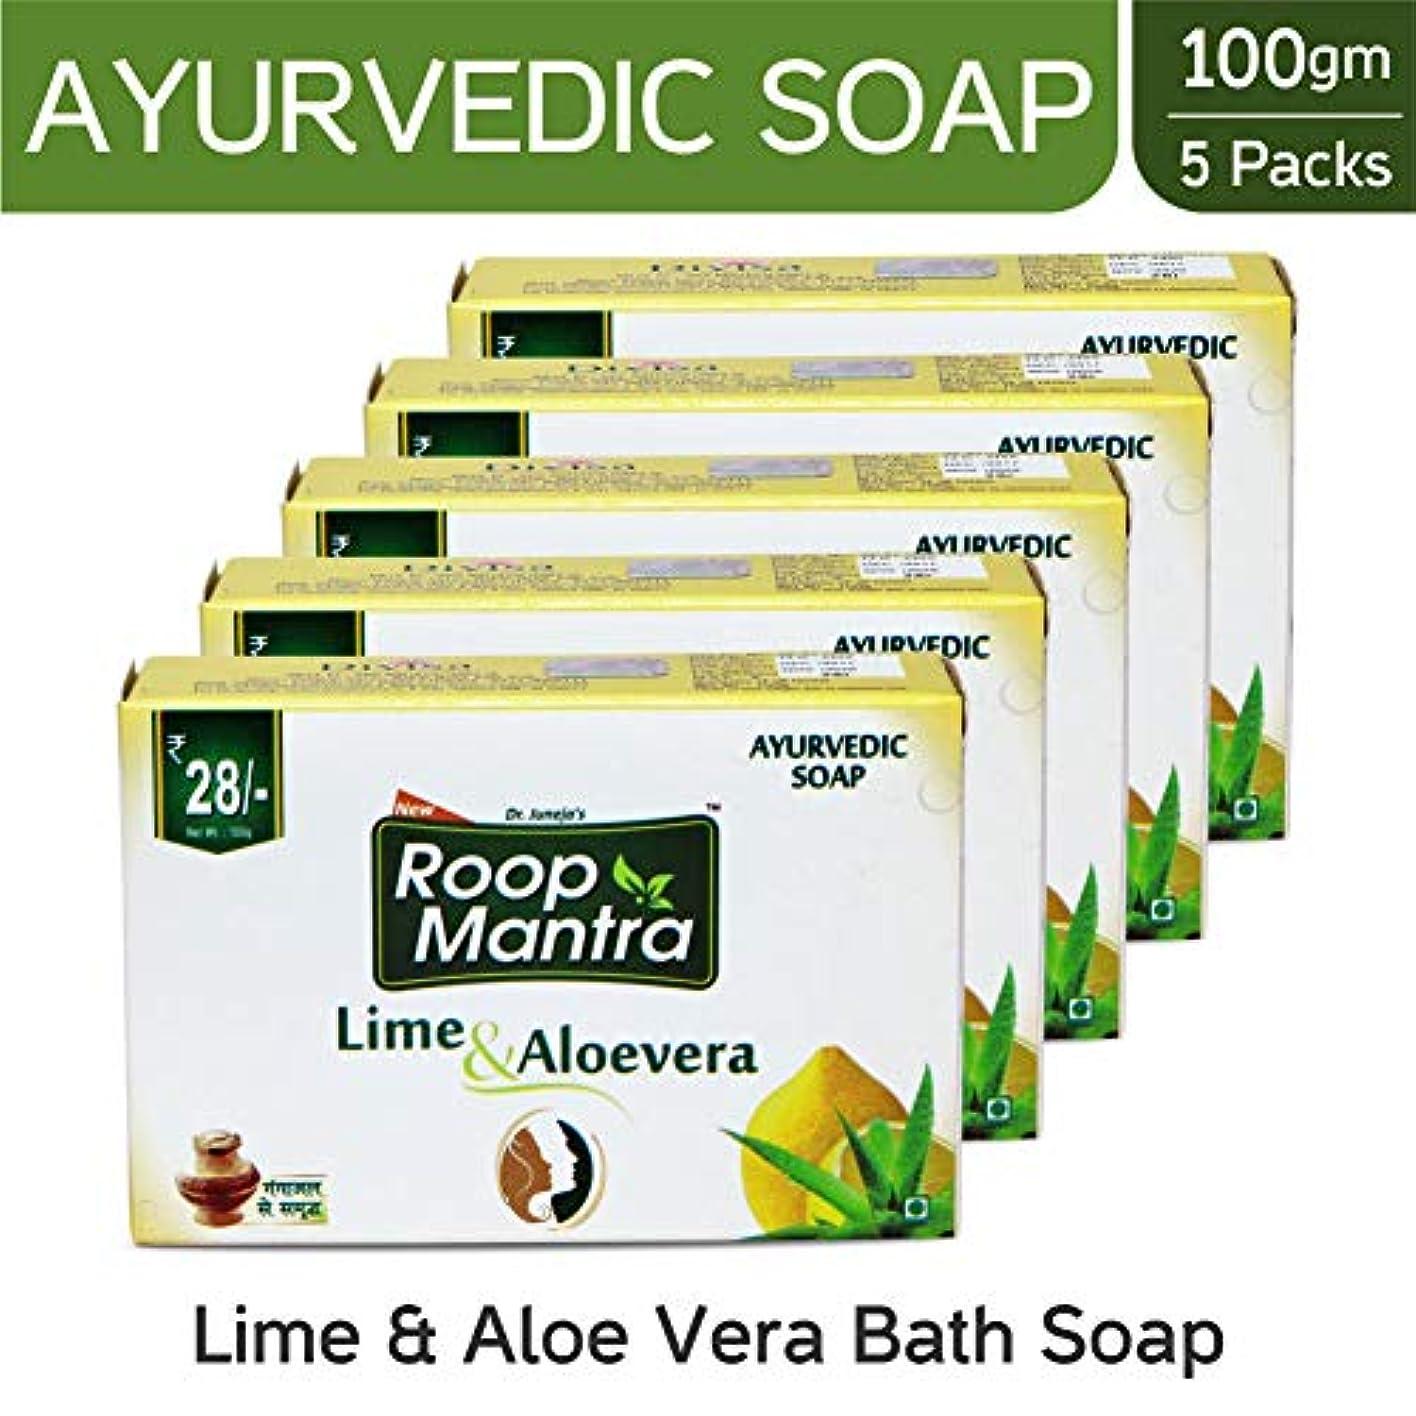 ペナルティサンダースブレーキRoop Mantra Ayurvedic Bath Soap, Lime and Aloevera, 100g (Pack of 5)